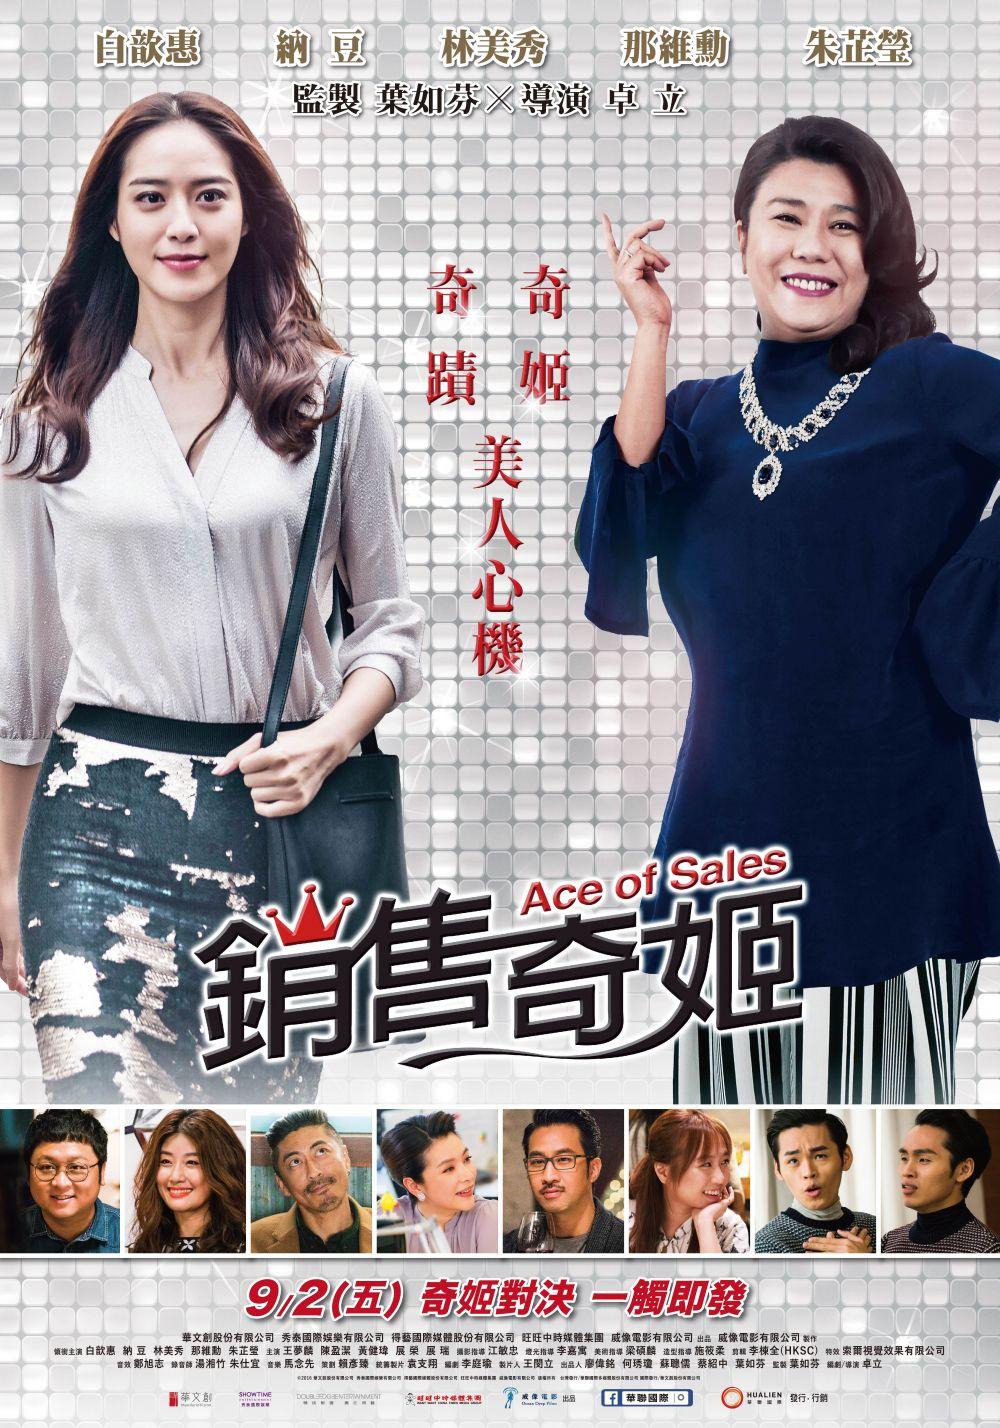 2016電影/ 《銷售奇姬》Ace of Sales